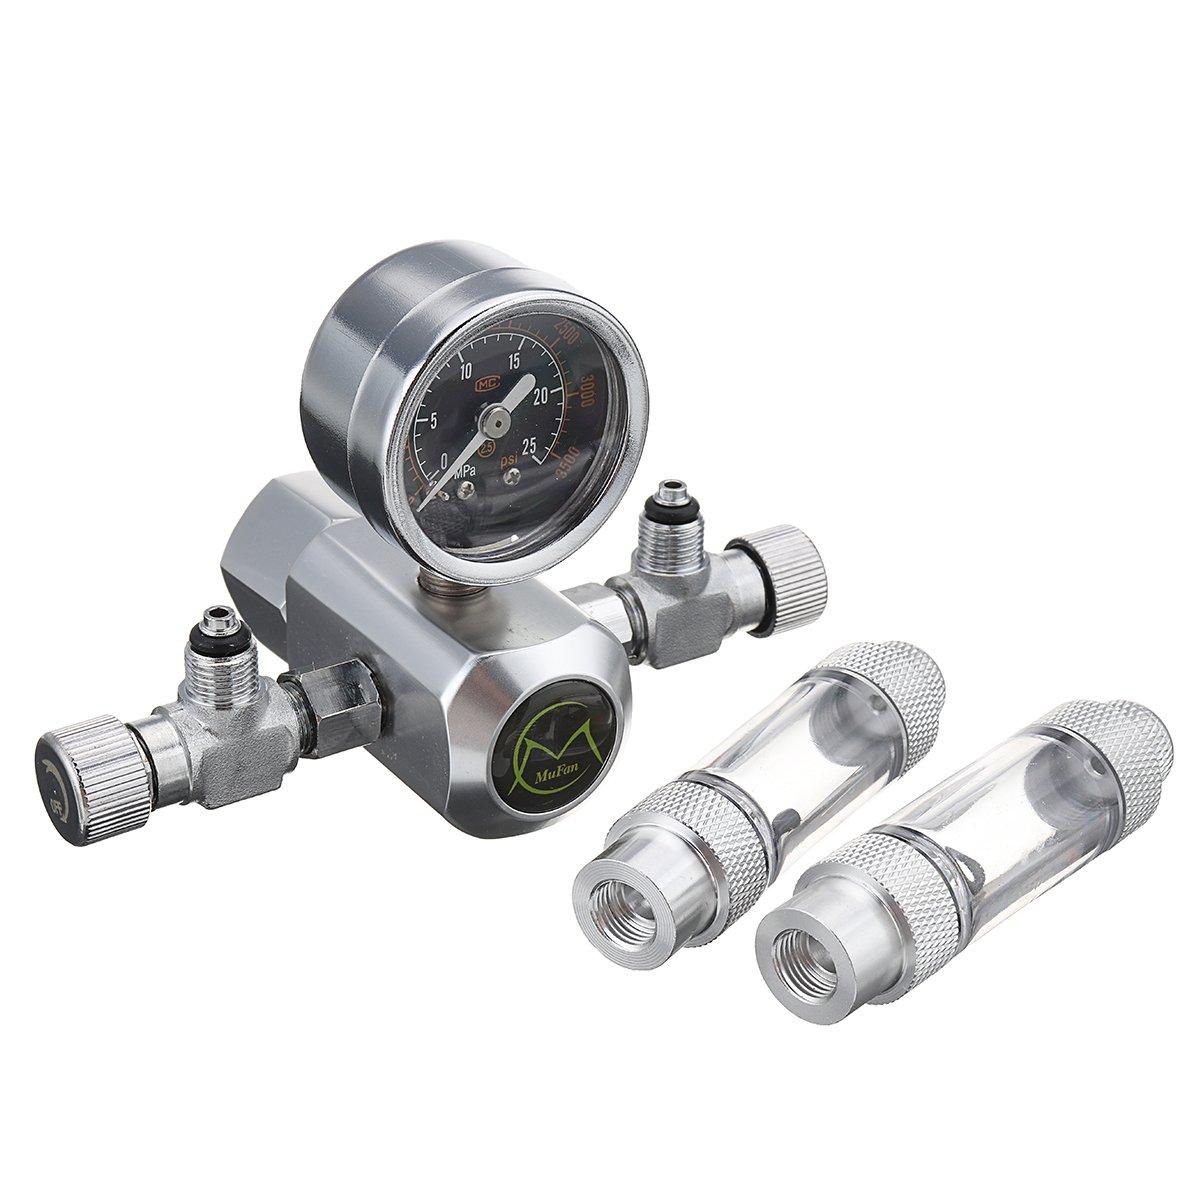 Sconosciuto 220 V G5 8 Aquarium Dual Bubble Sistema CO2 manometro regolatore di Pressione impianto